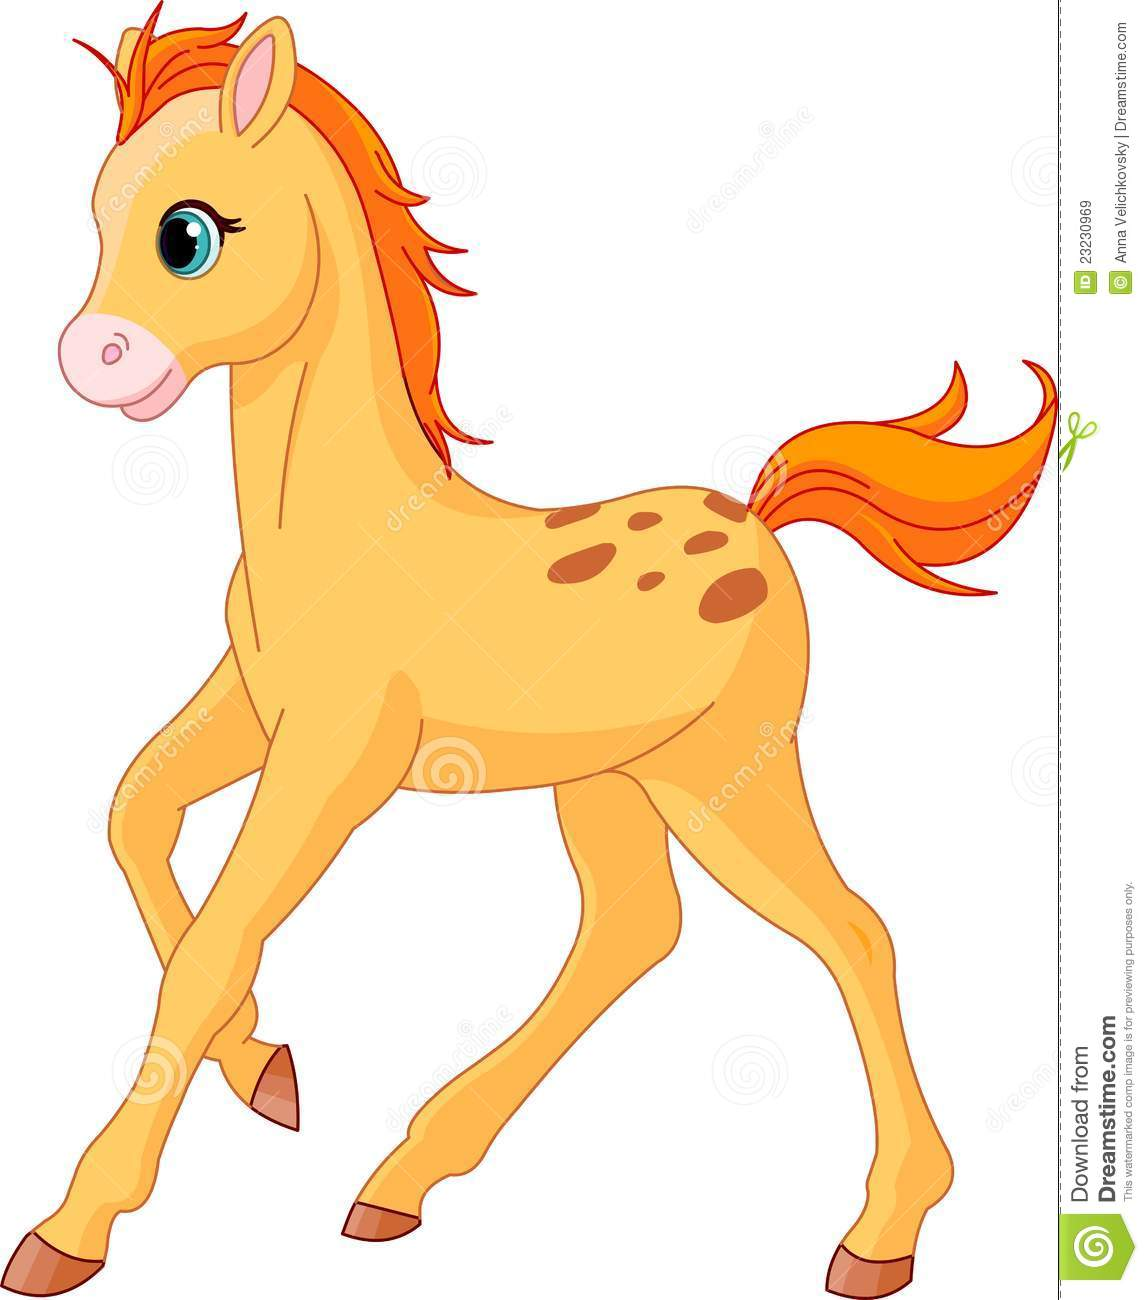 Beautiful clipart of horses.